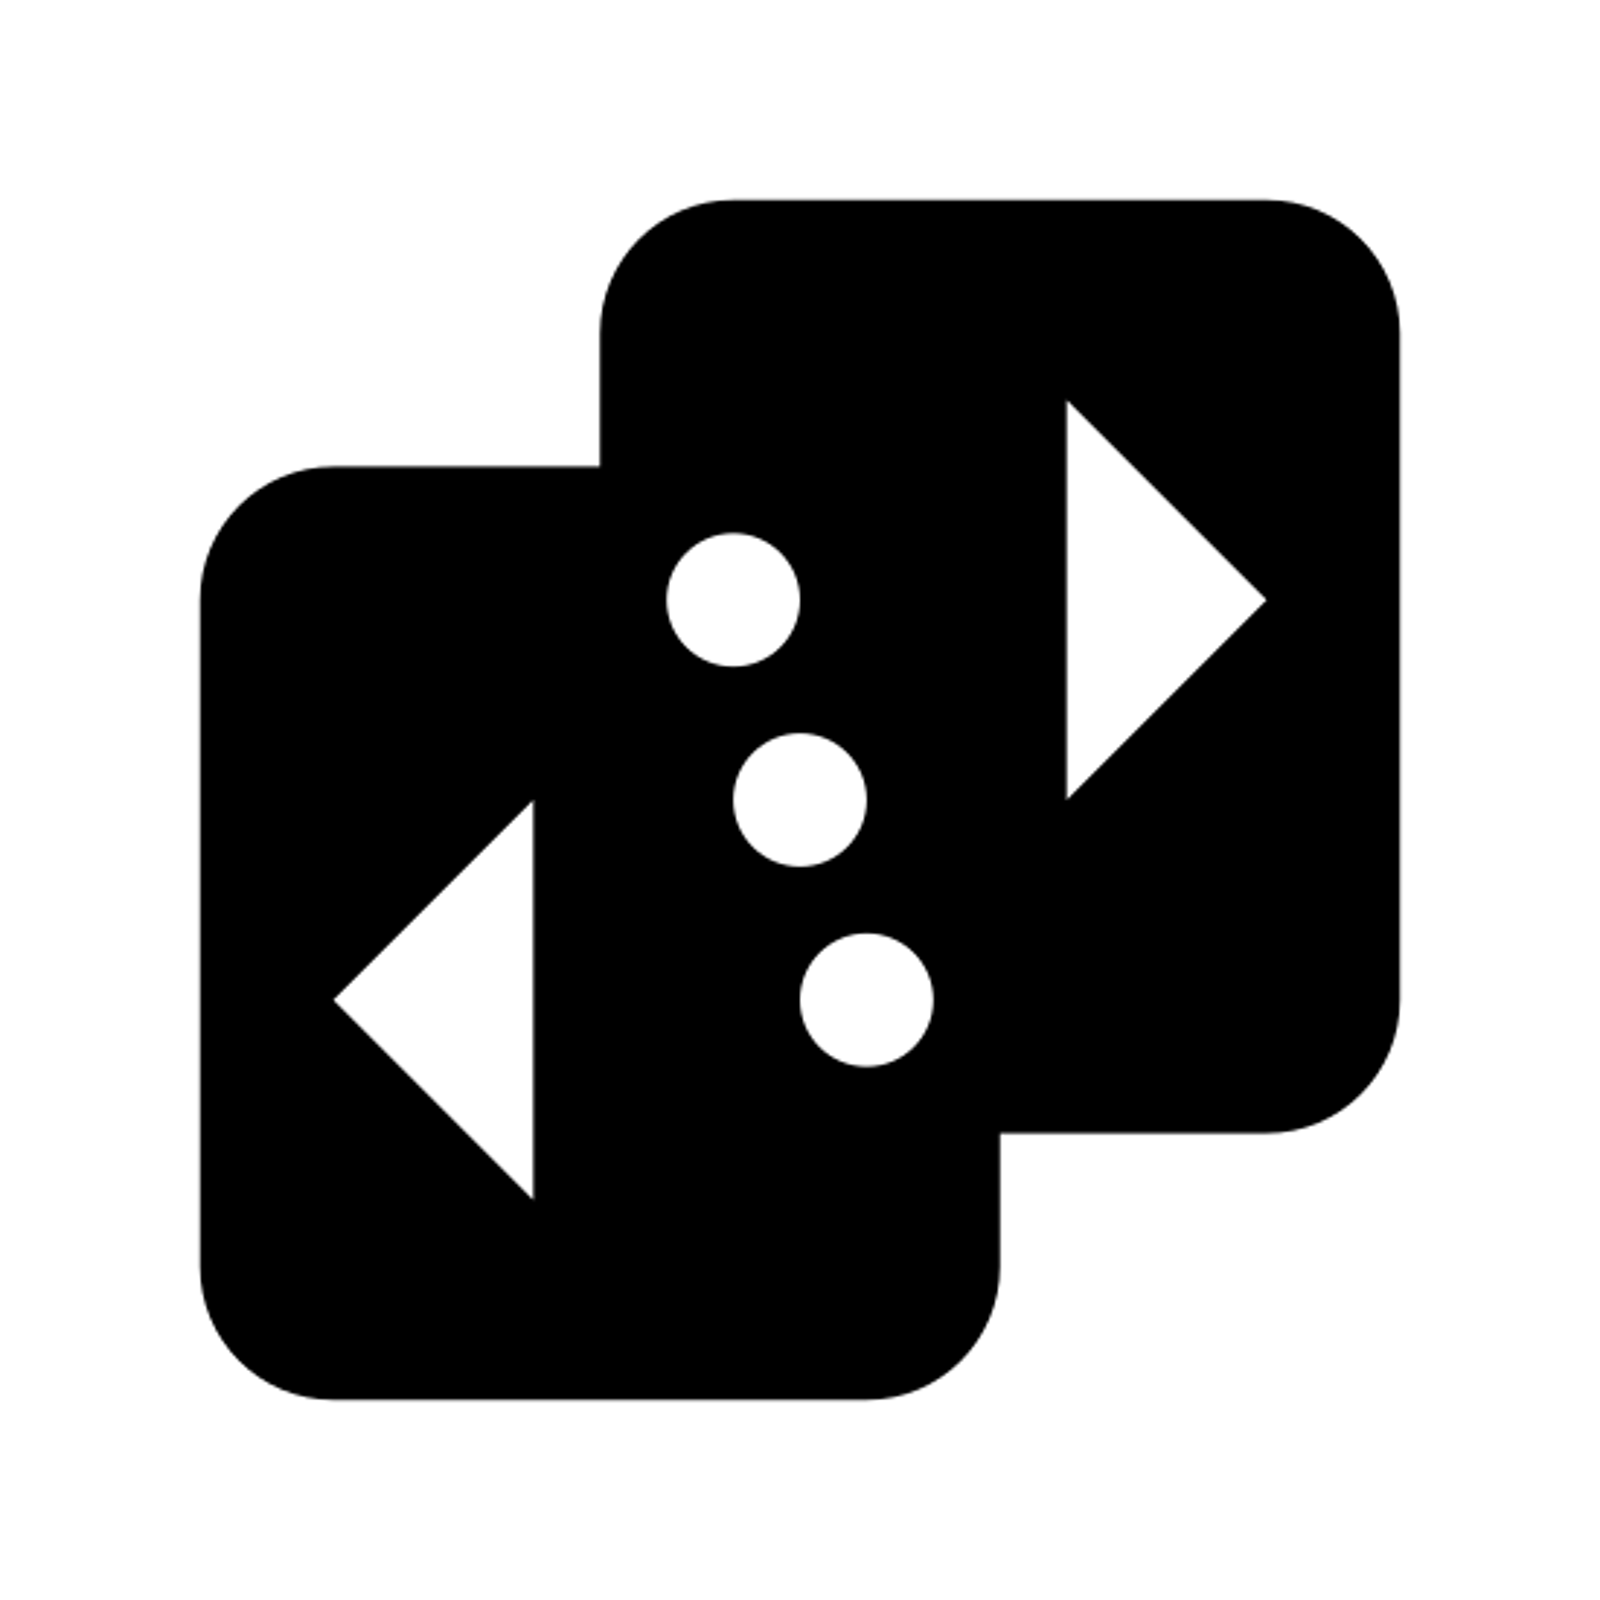 別のドキュメント icon